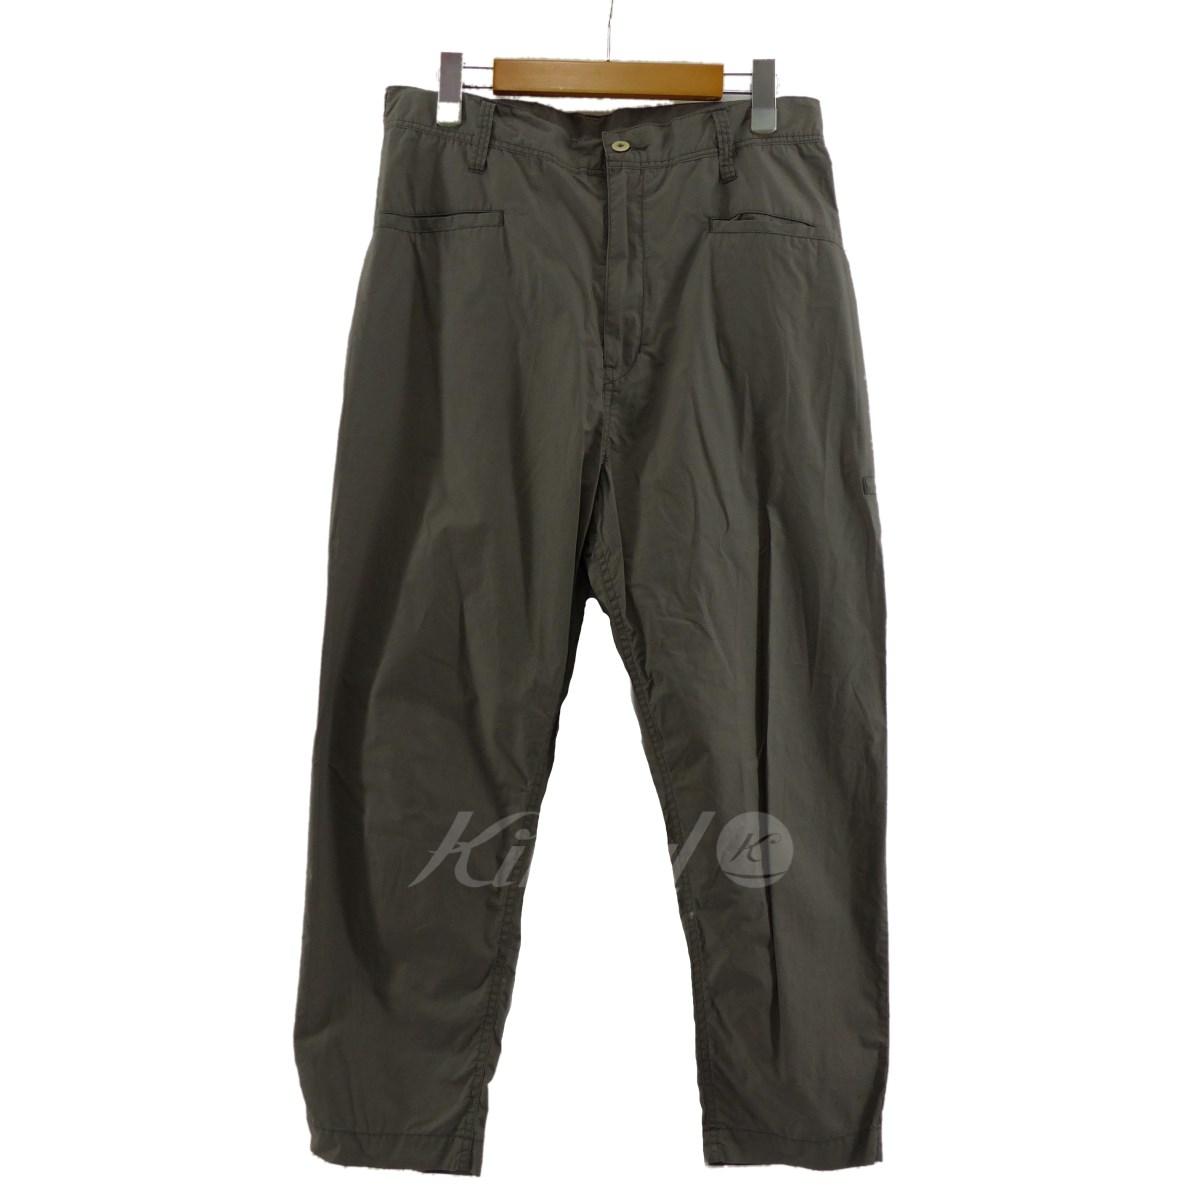 【中古】Porter Classic TRAVEL PANTS トラベルパンツ ライトグレー サイズ:M 【送料無料】 【040119】(ポータークラシック)